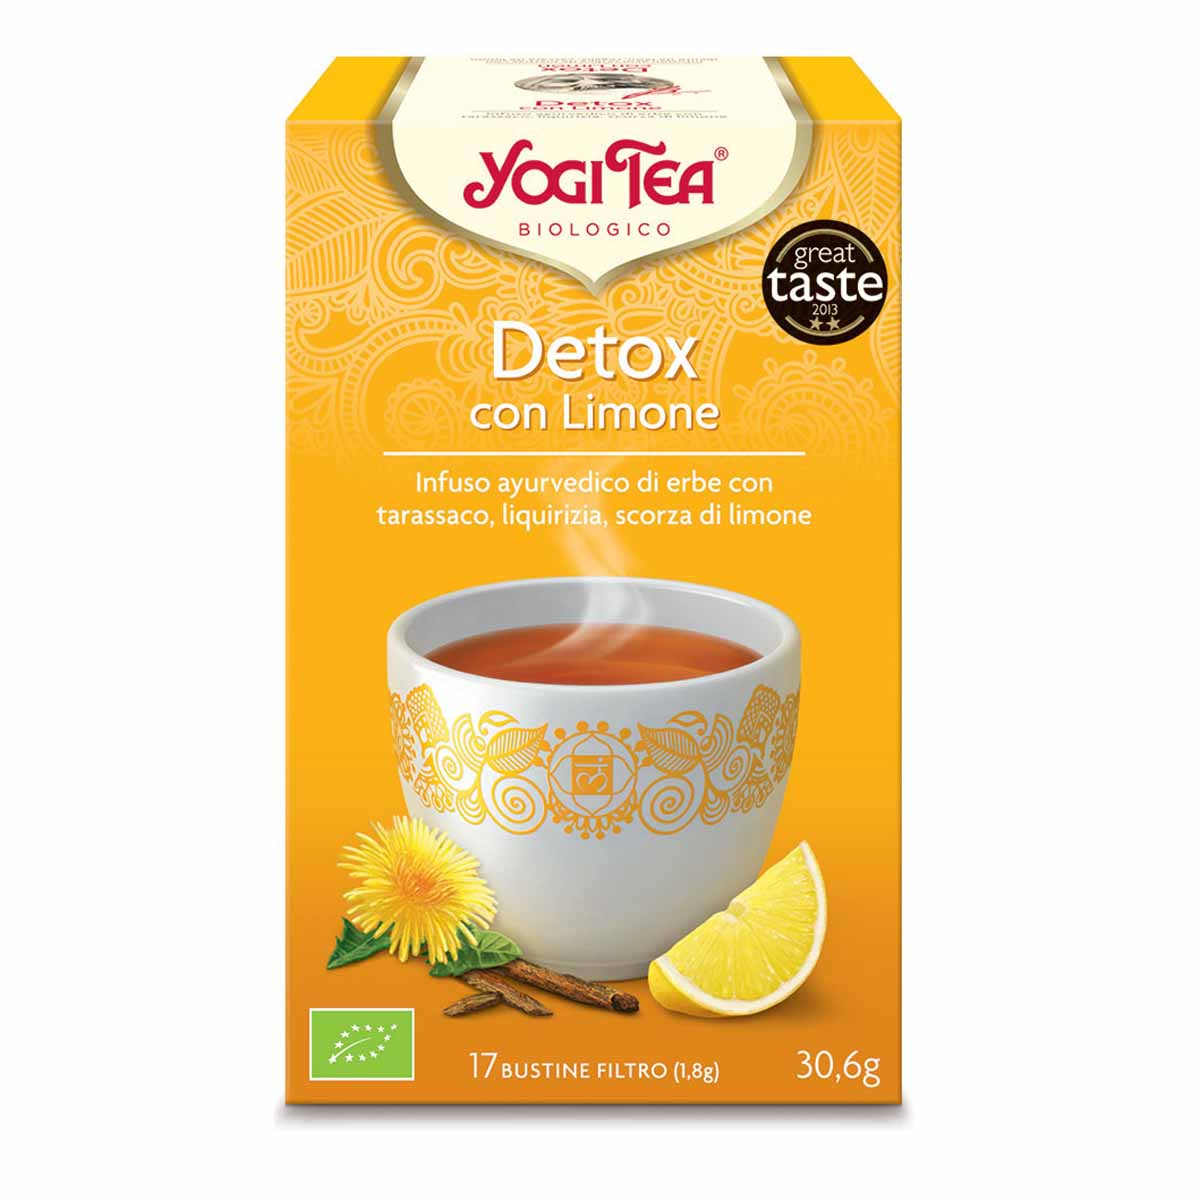 Yogi tea Detox al limone